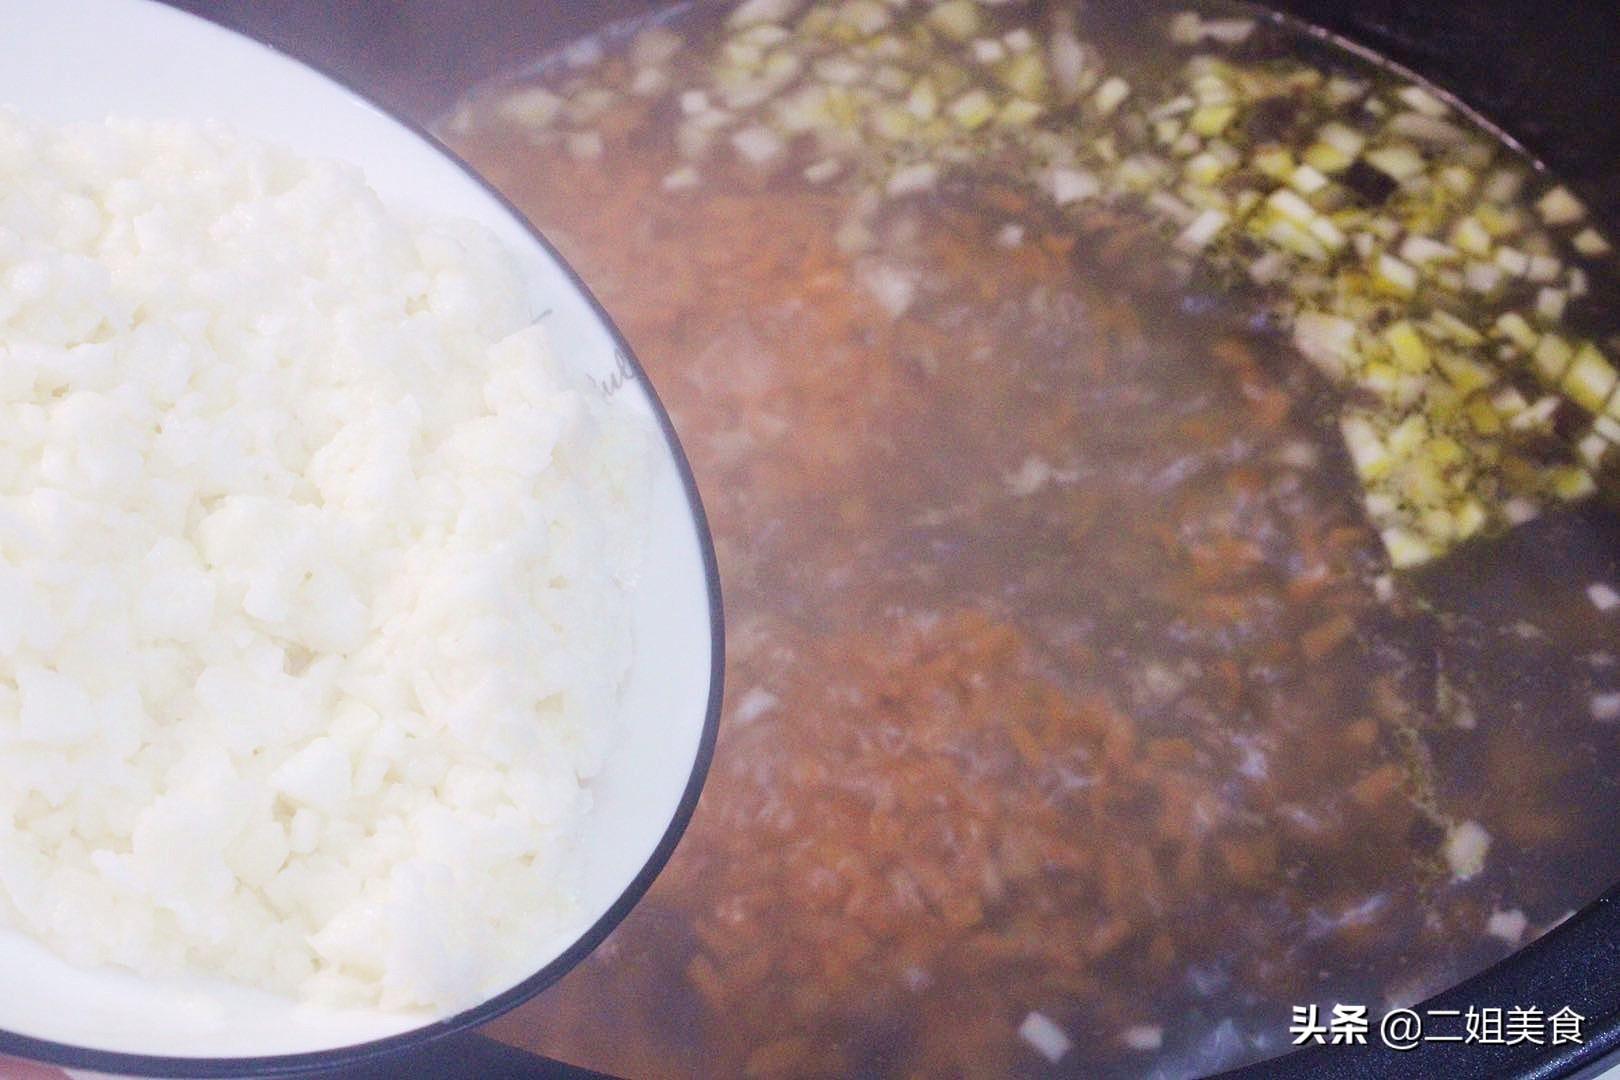 """谷雨前后,无论贫富,多喝""""芙蓉汤"""",开胃营养还解馋,特别下饭 美食做法 第6张"""